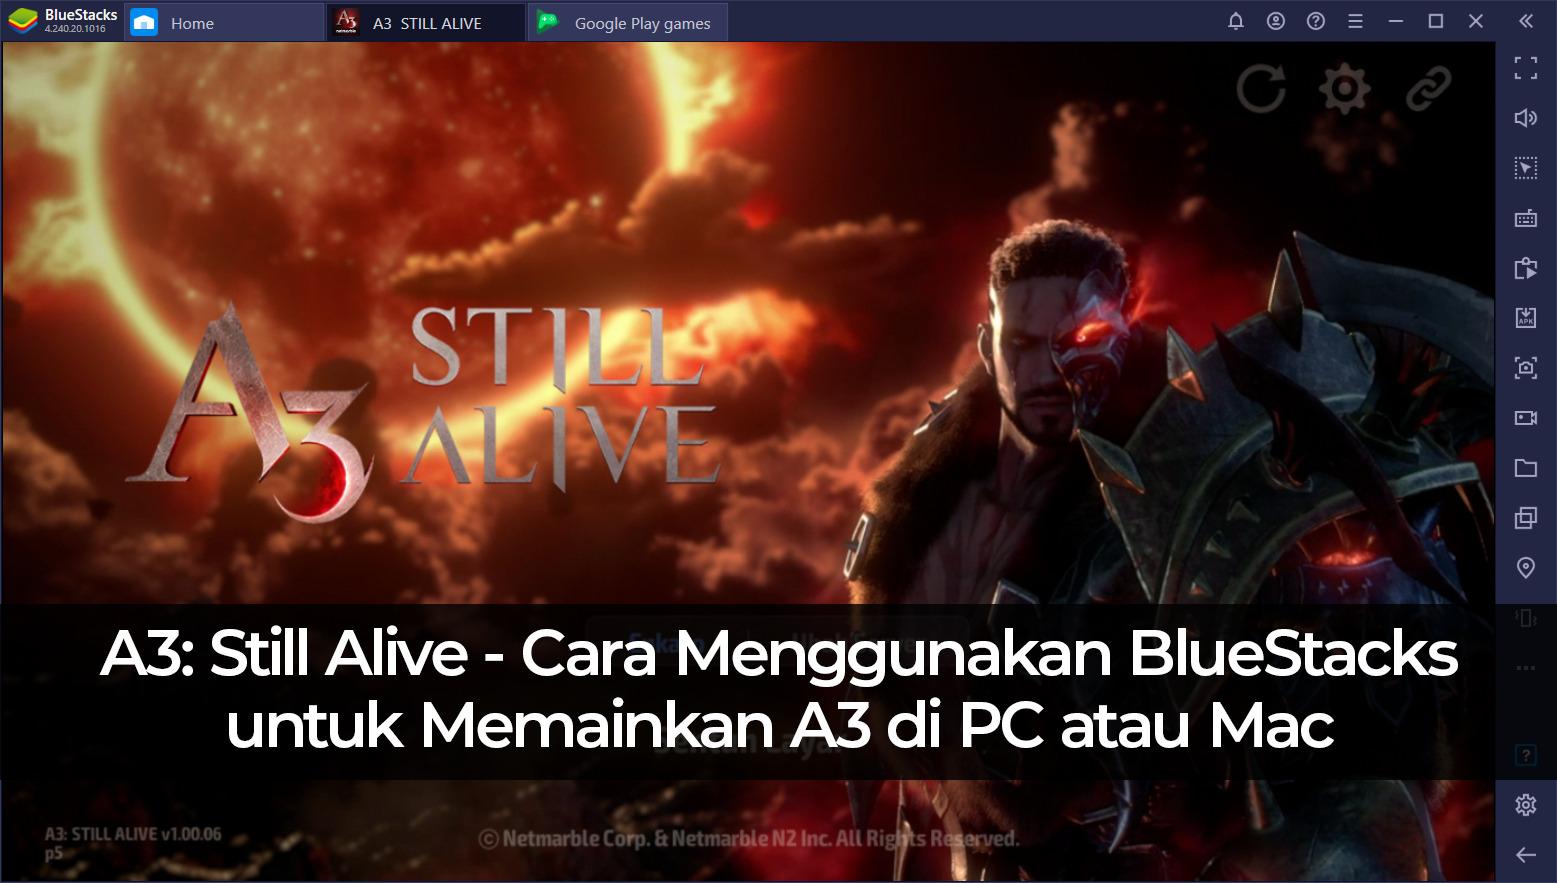 A3: Still Alive – Cara Menggunakan BlueStacks untuk Memainkan A3 di PC atau Mac